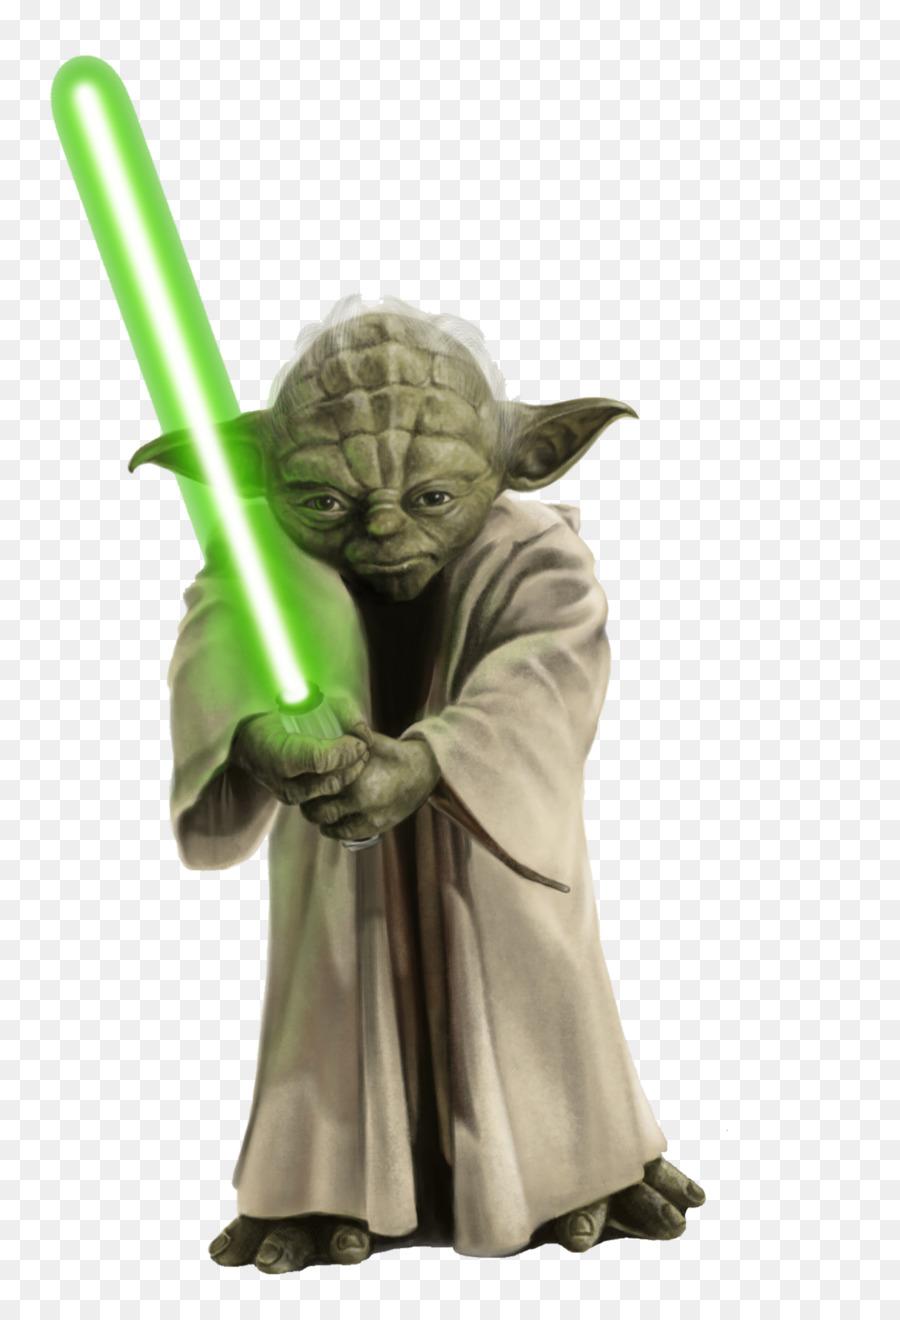 yoda r2 d2 star wars jedi star wars yoda png download 1413 2048